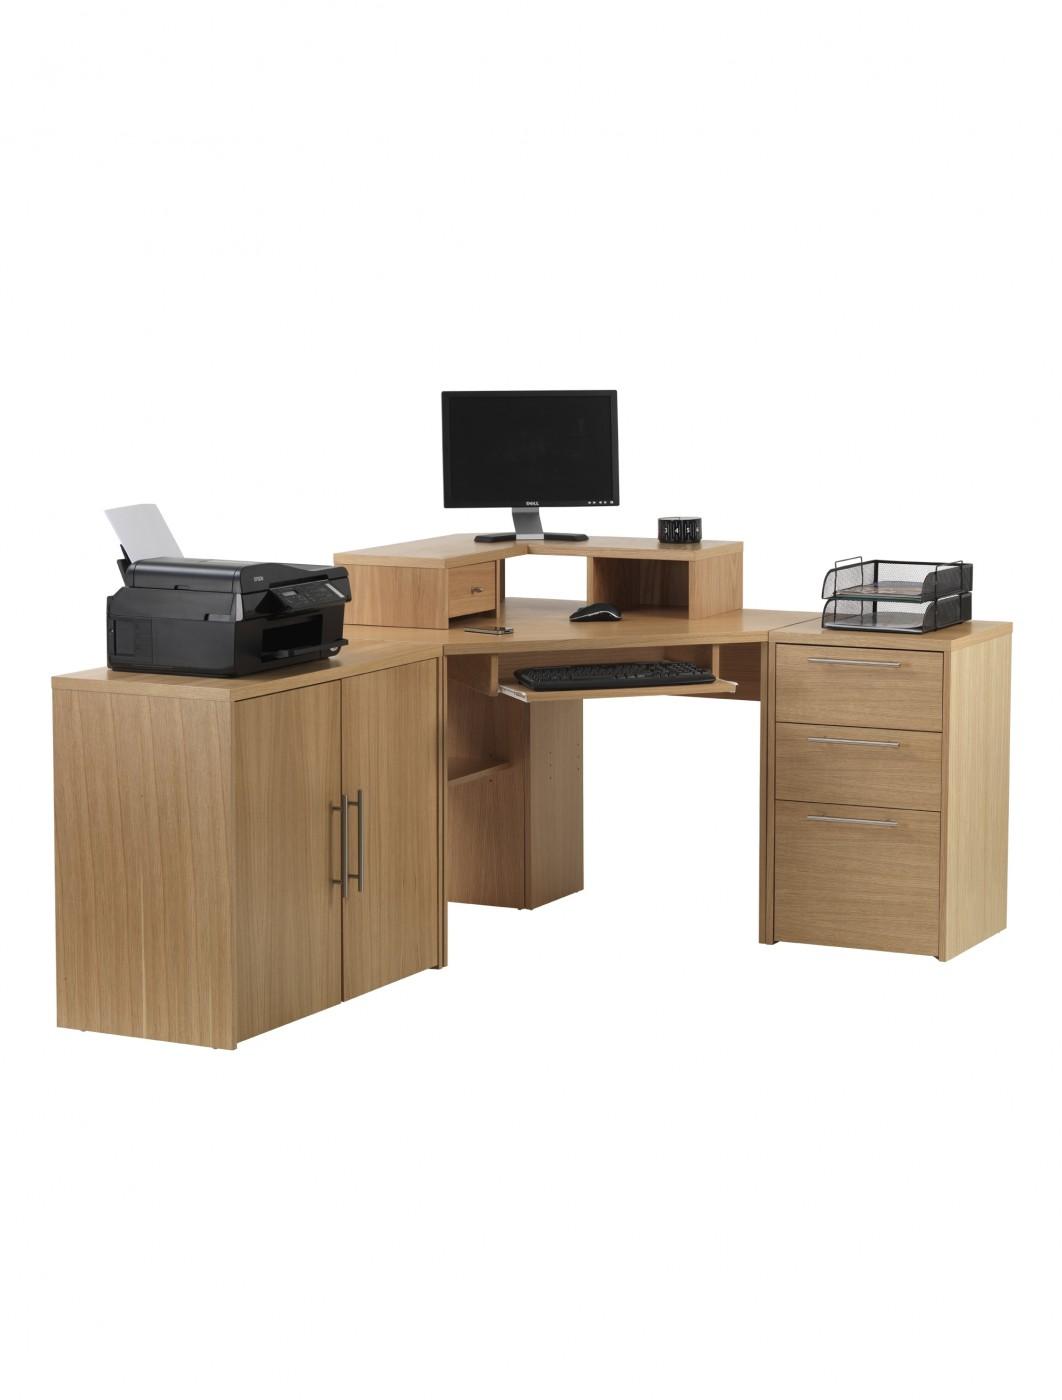 Teknik Corner Computer Desk | Joy Studio Design Gallery Best Design